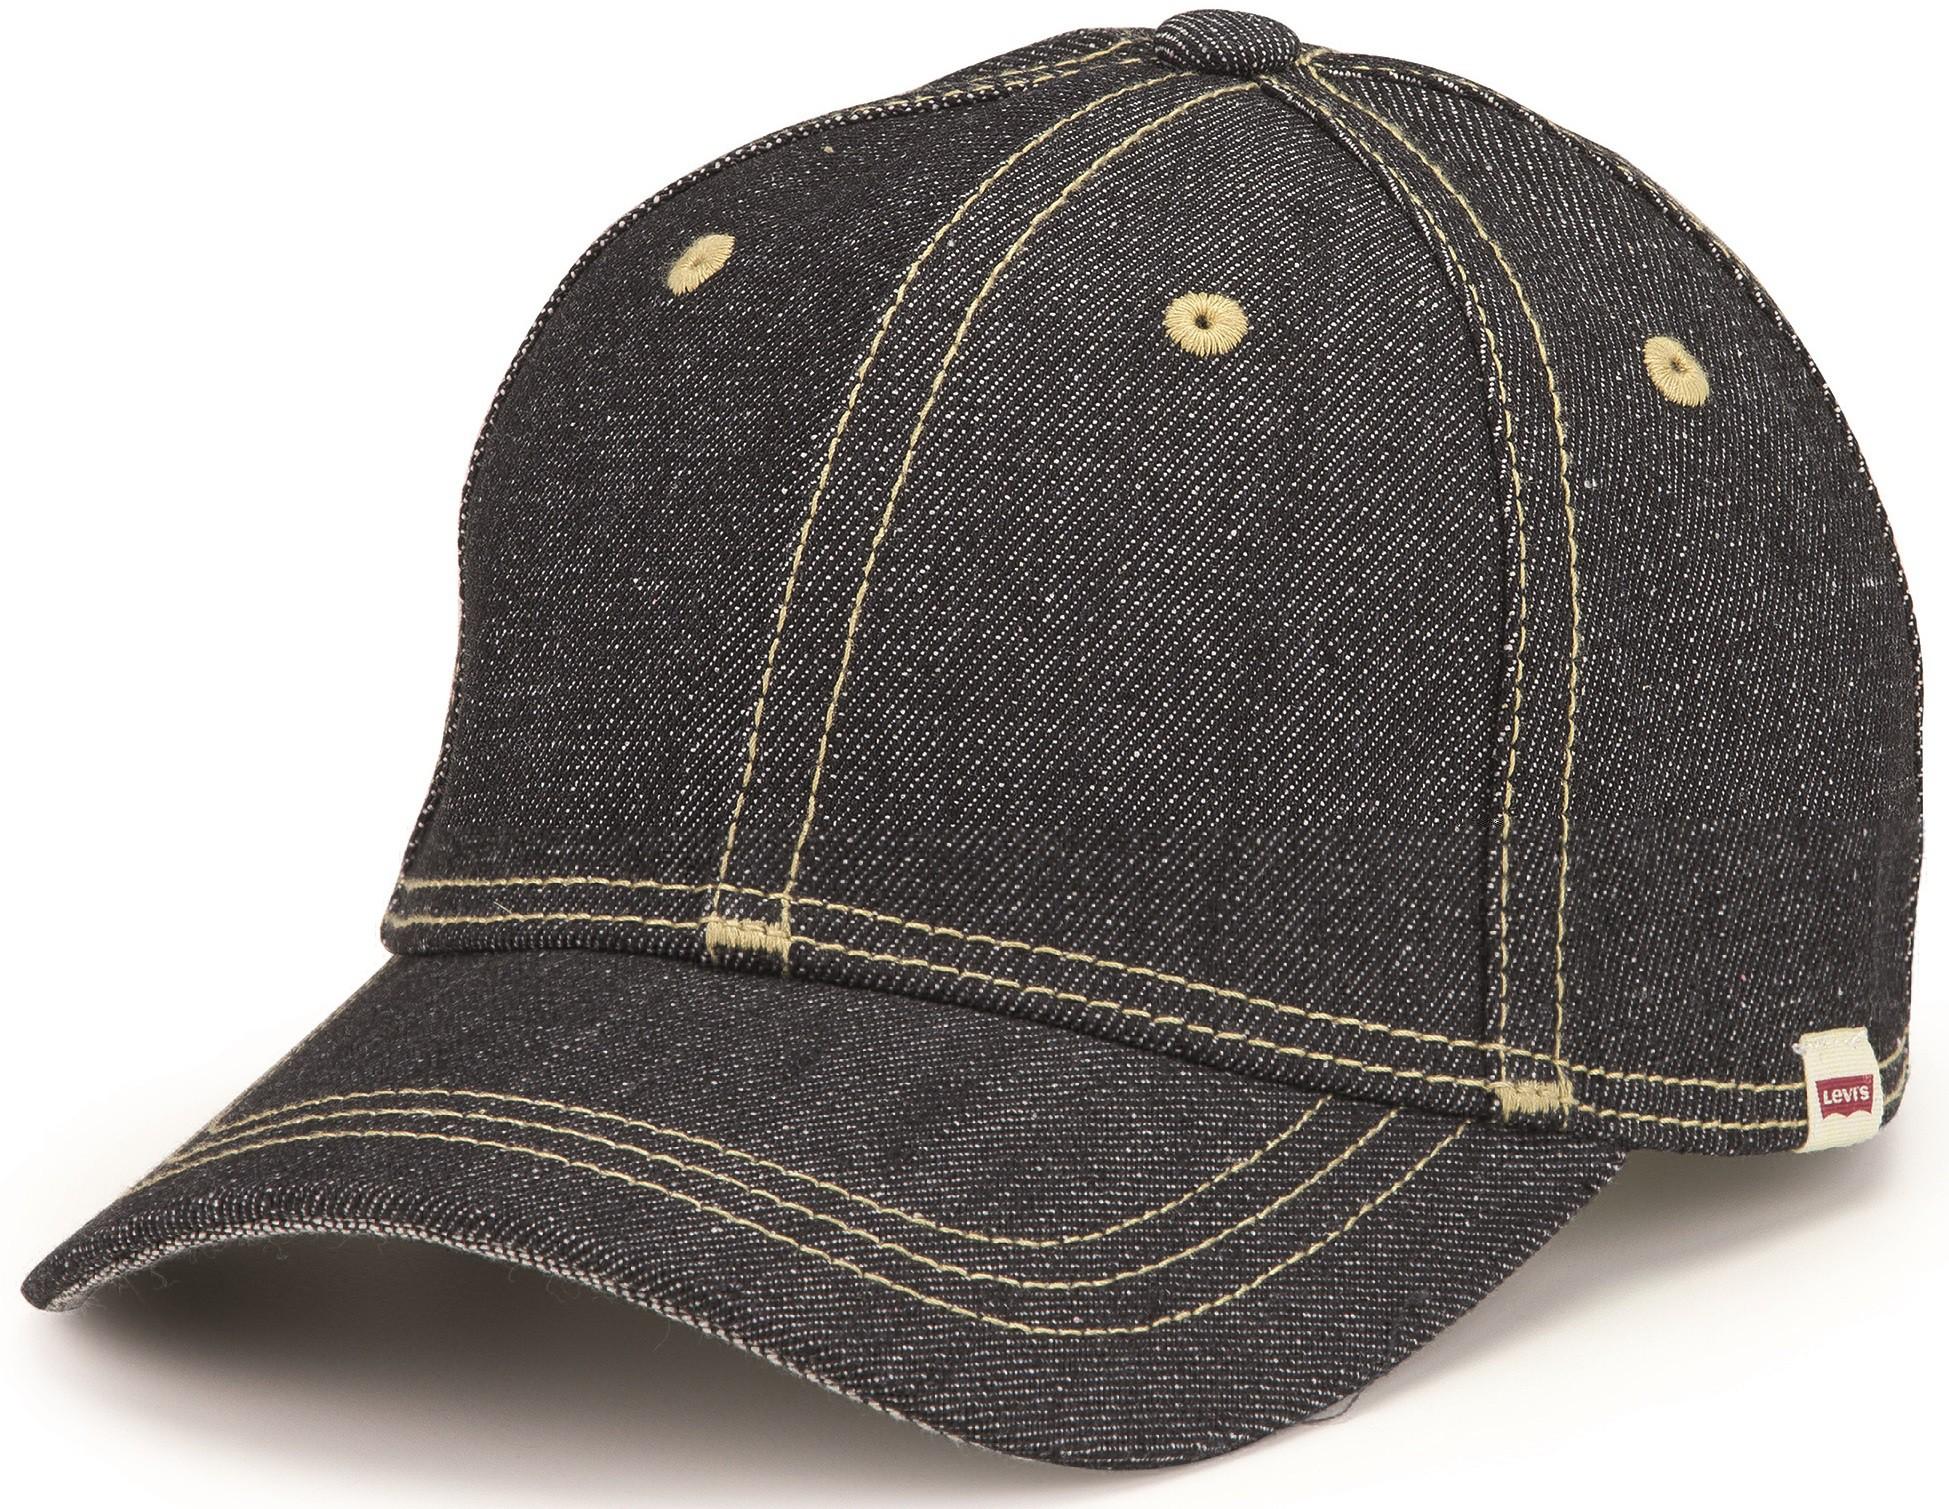 casquette homme jean homme levi 39 s accessoire mode echarpe gants bonnet casquette homme levi 39 s. Black Bedroom Furniture Sets. Home Design Ideas